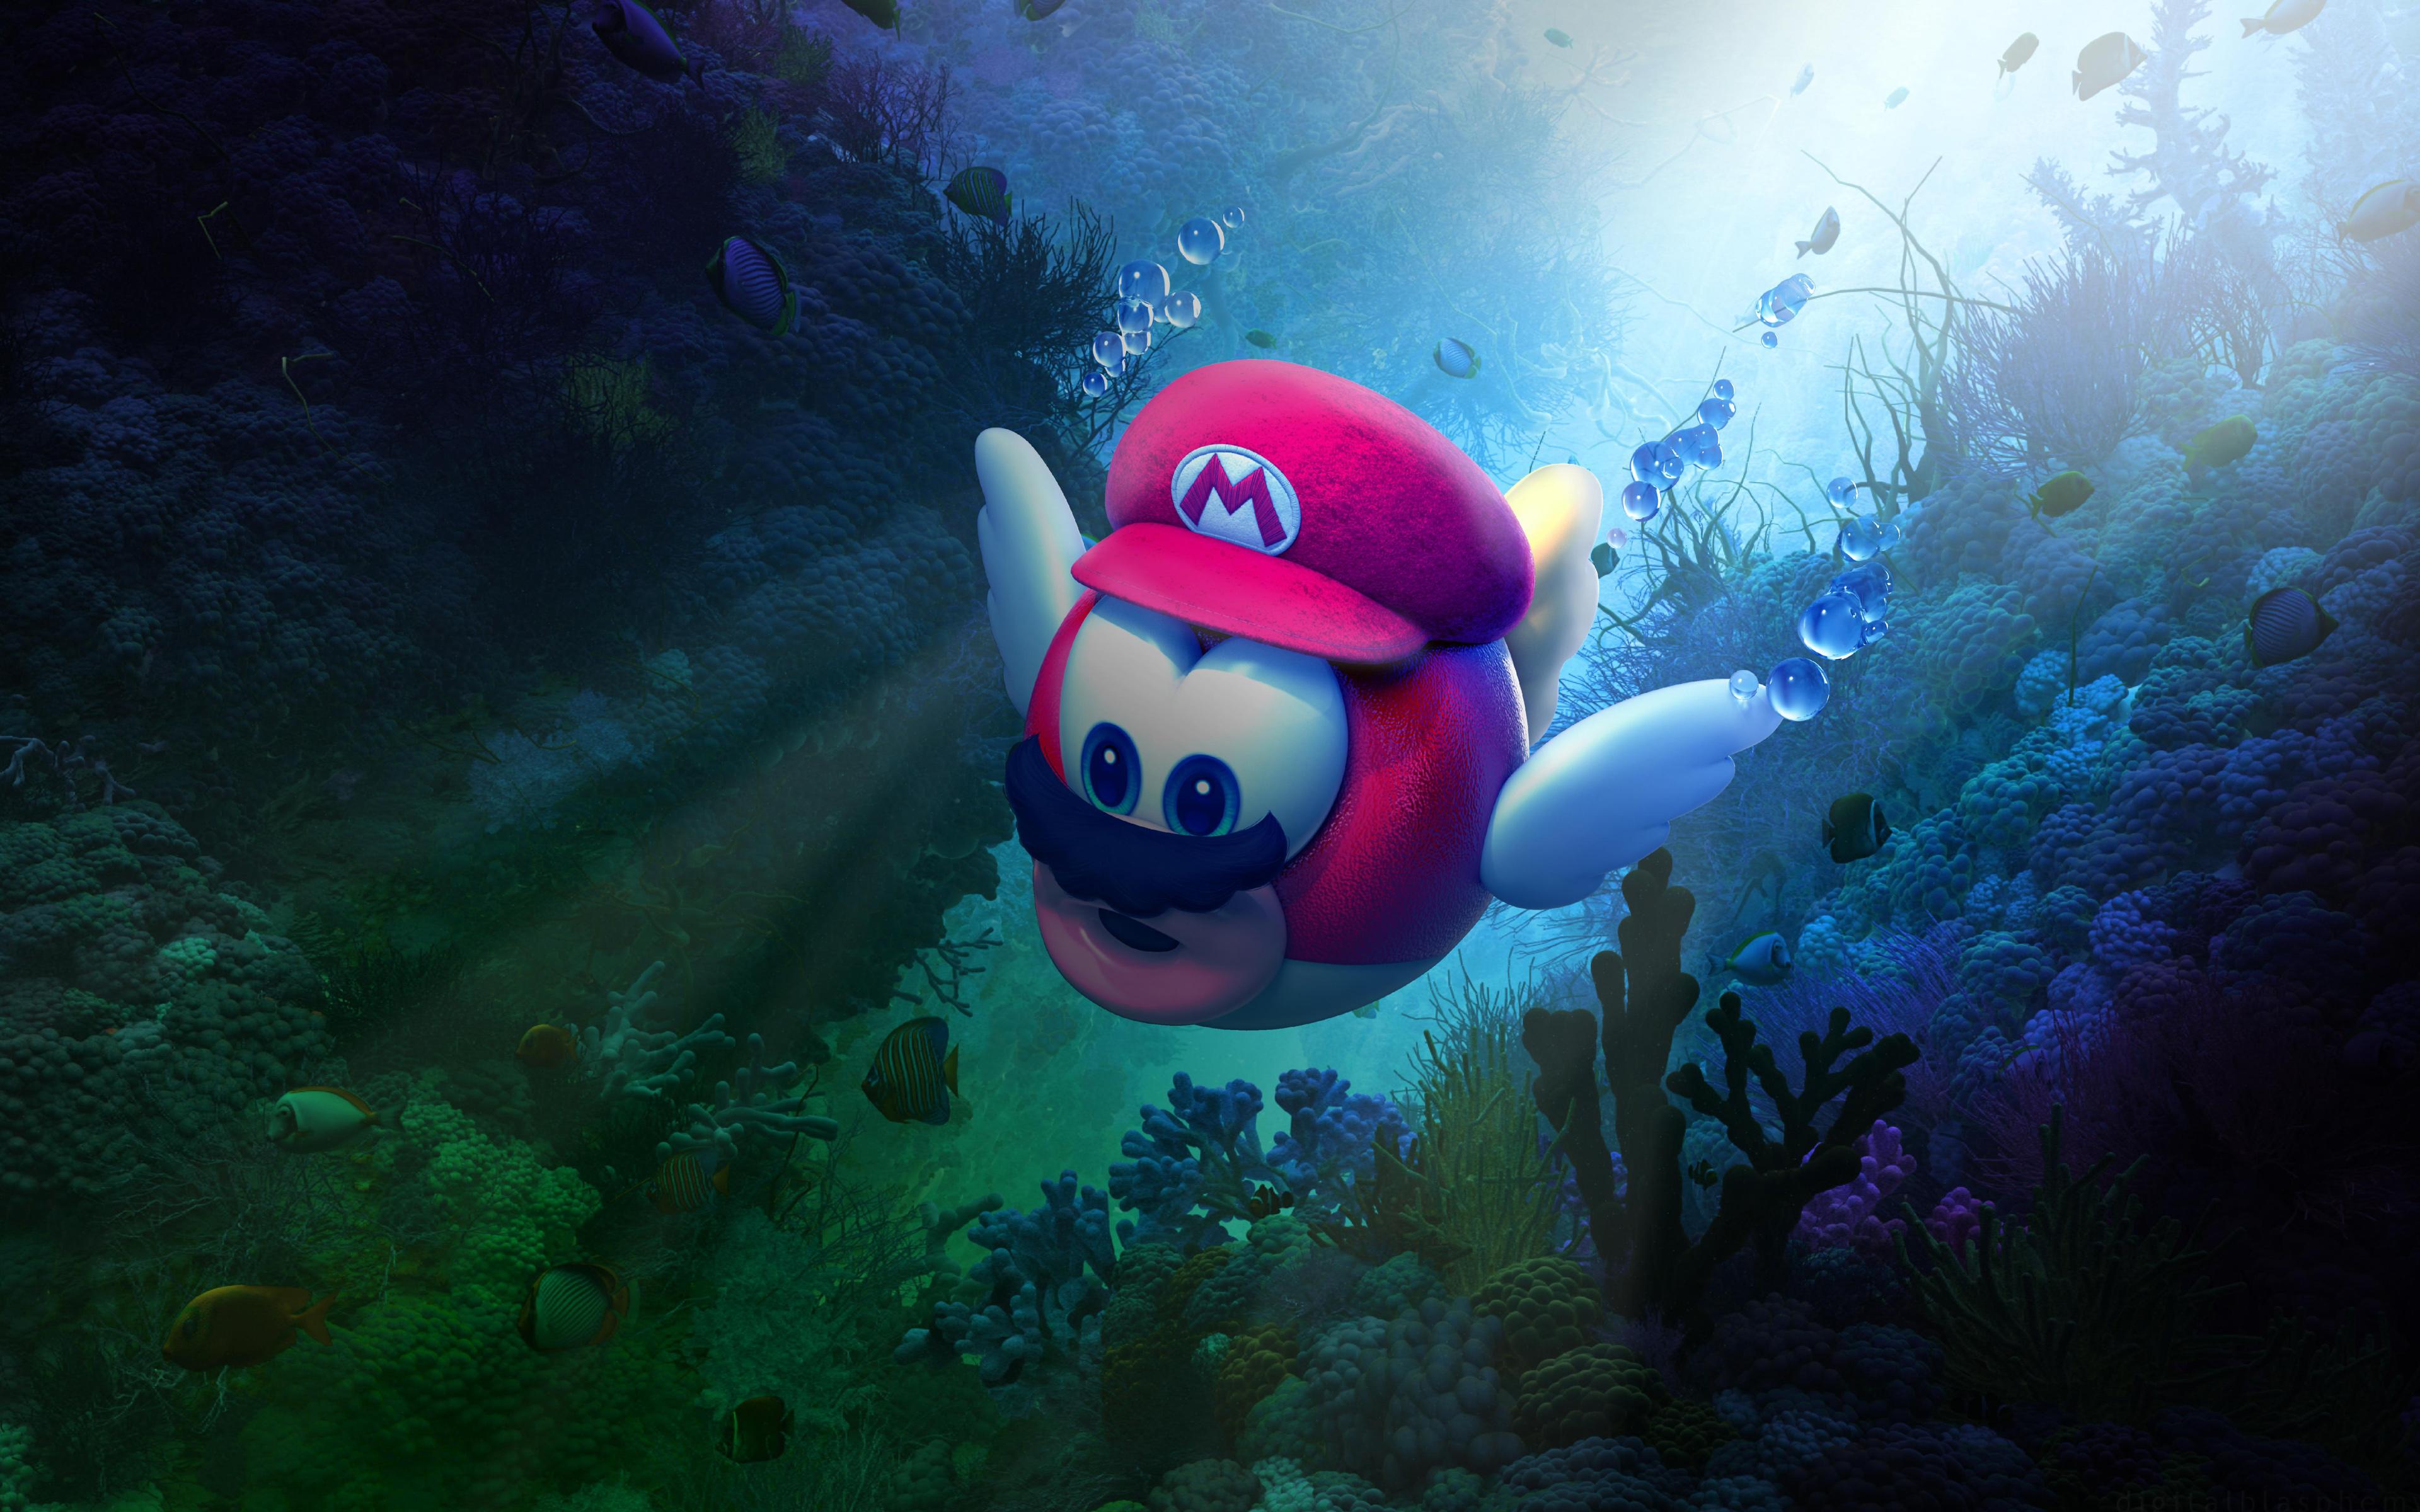 Супер Марио подводная Одиссея обои скачать